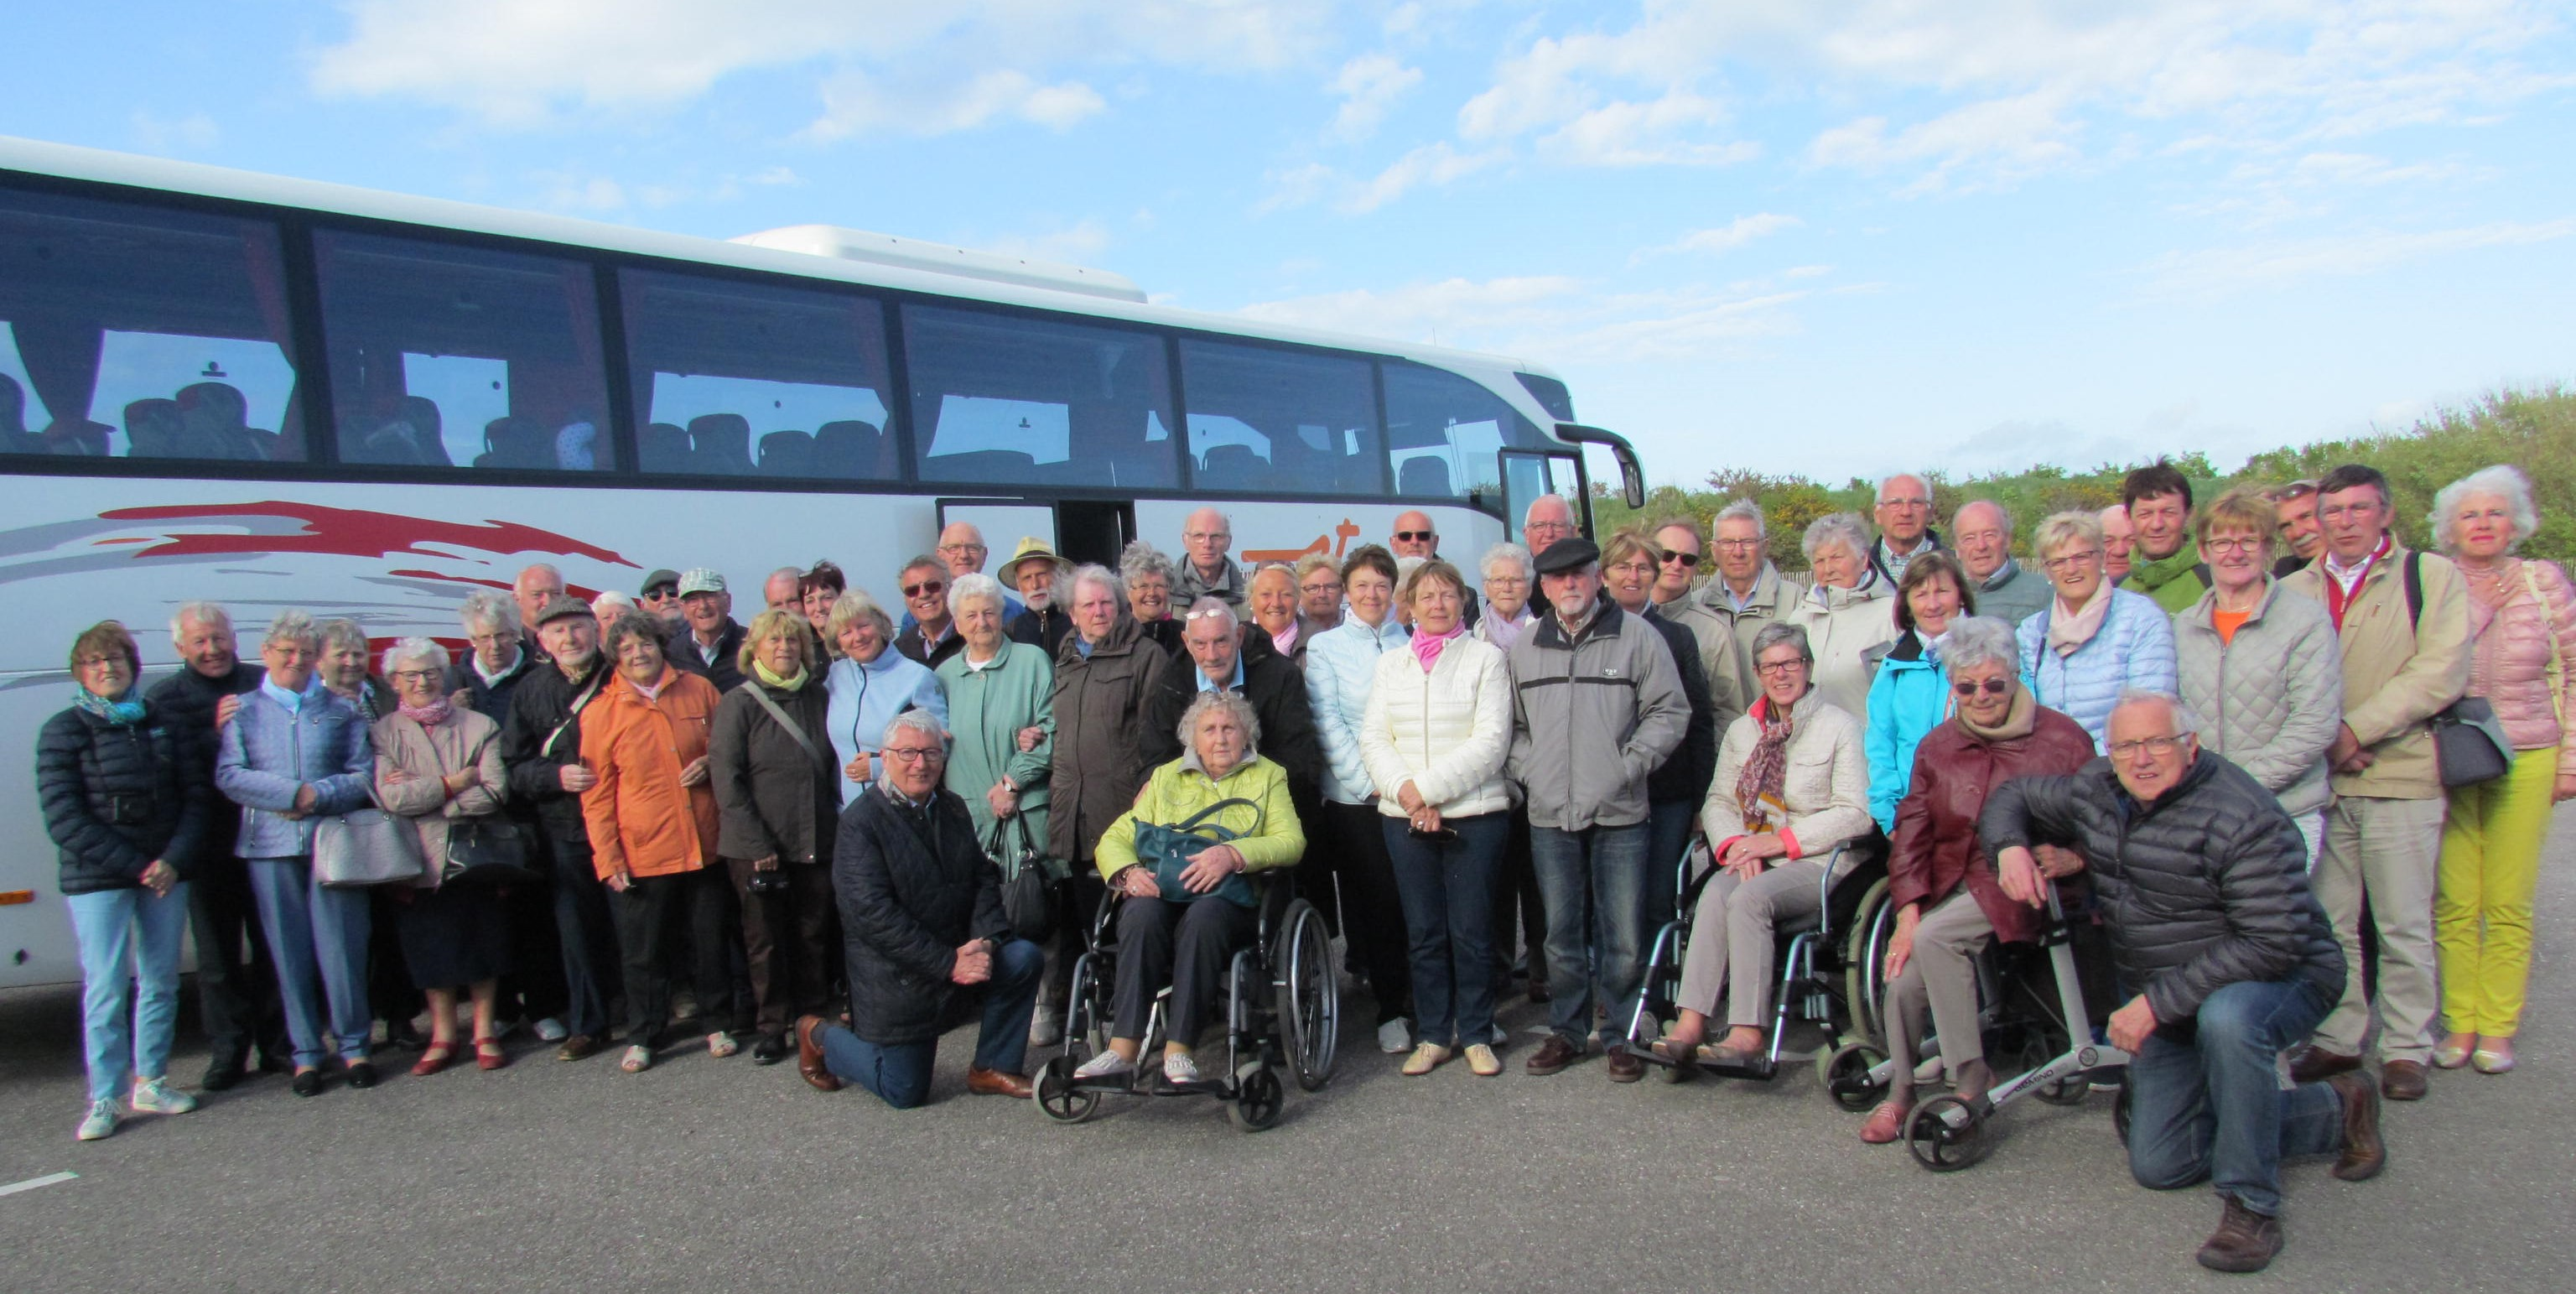 Driedaagse reis van de Bredense senioren naar Normandië